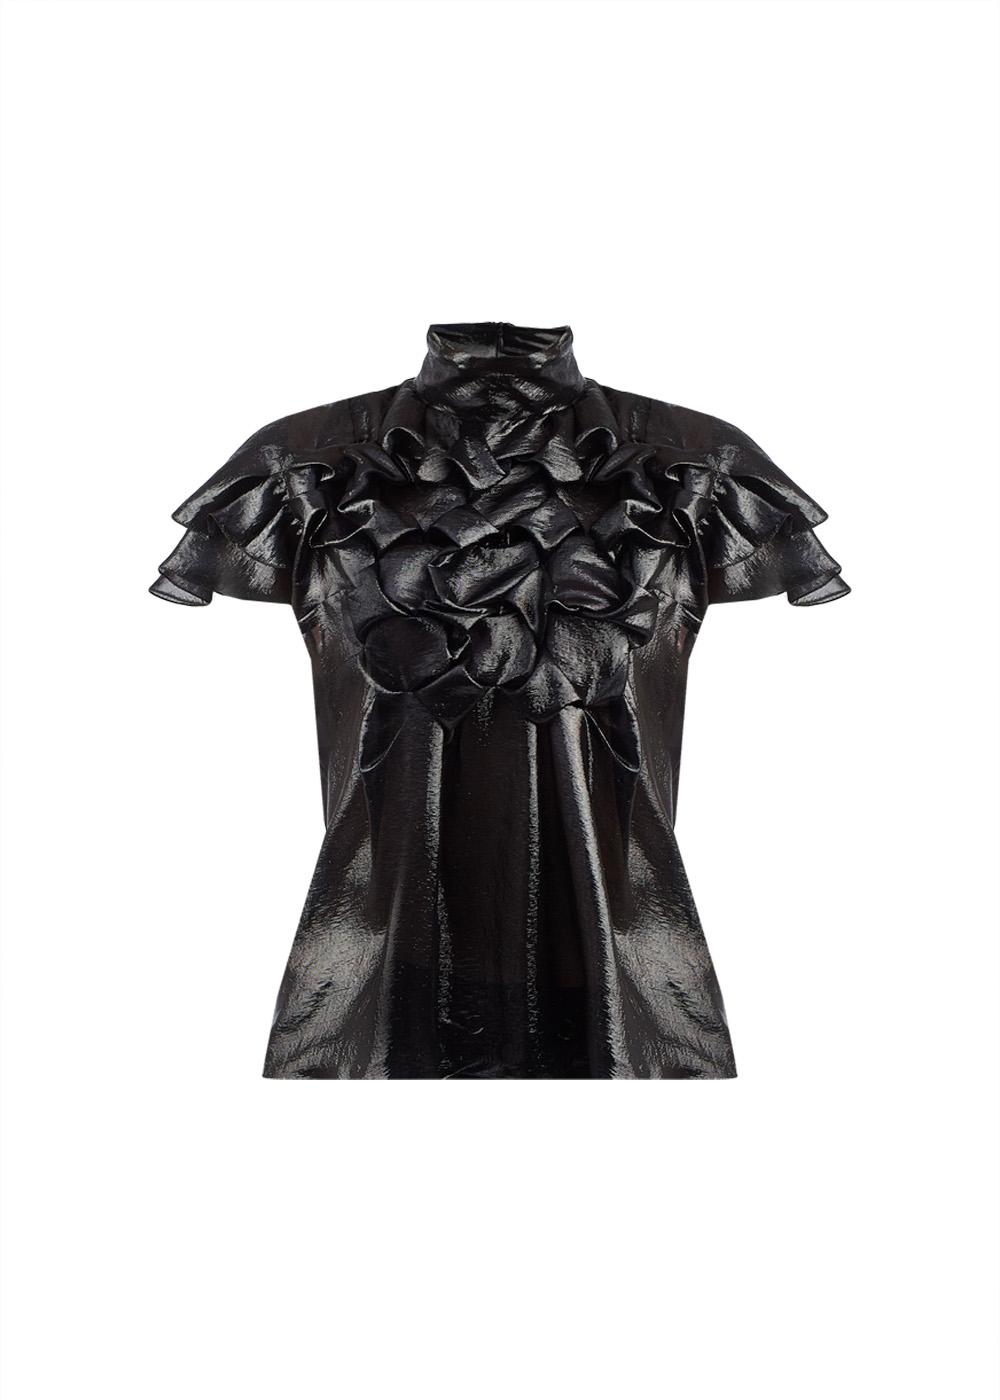 Купить Viva Vox блуза